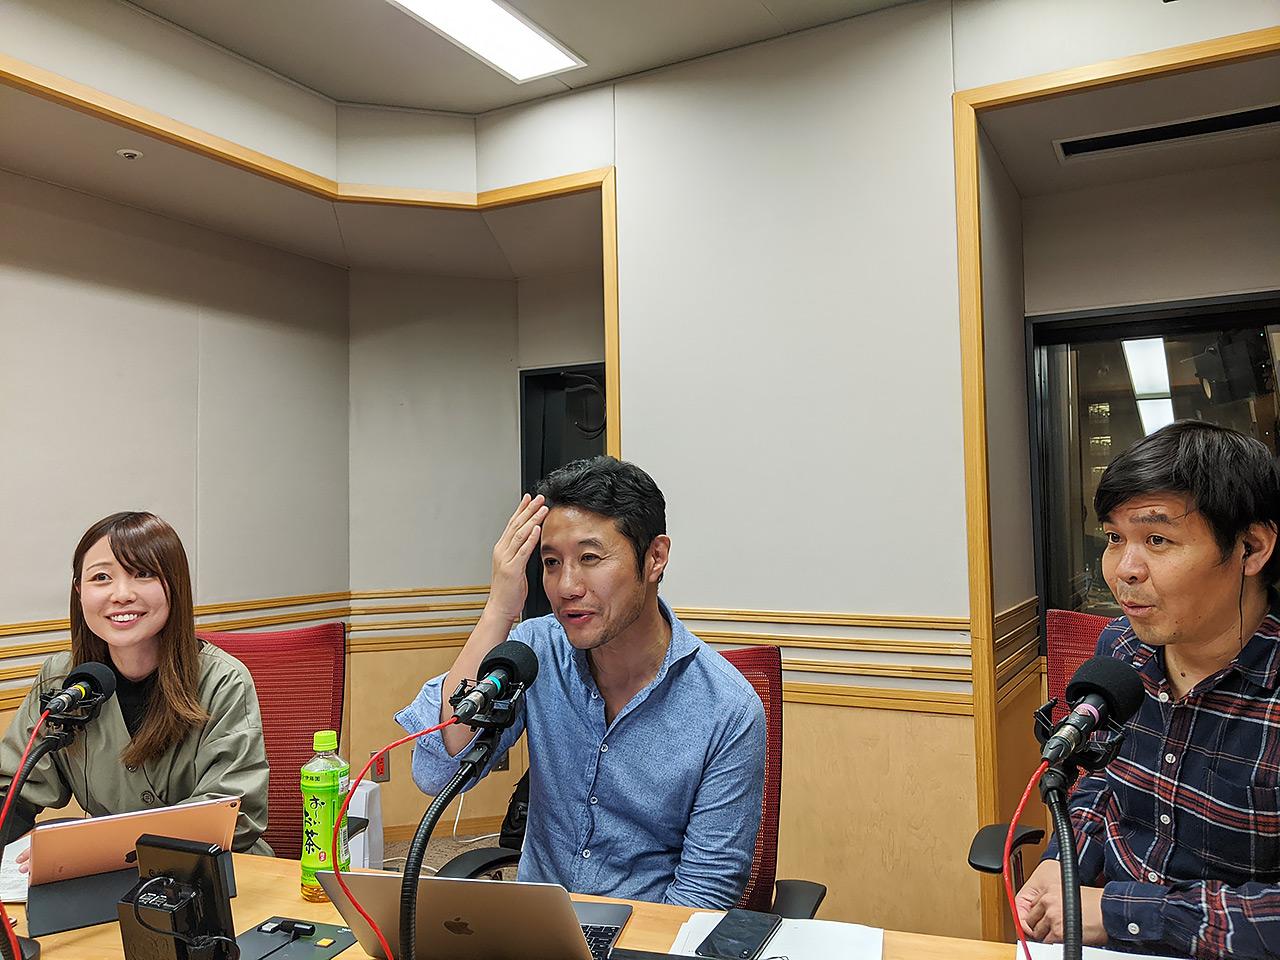 文化放送内のスタジオ。写真左から田ヶ原恵美さん、入山さん、文化放送の砂山圭大郎アナウンサー